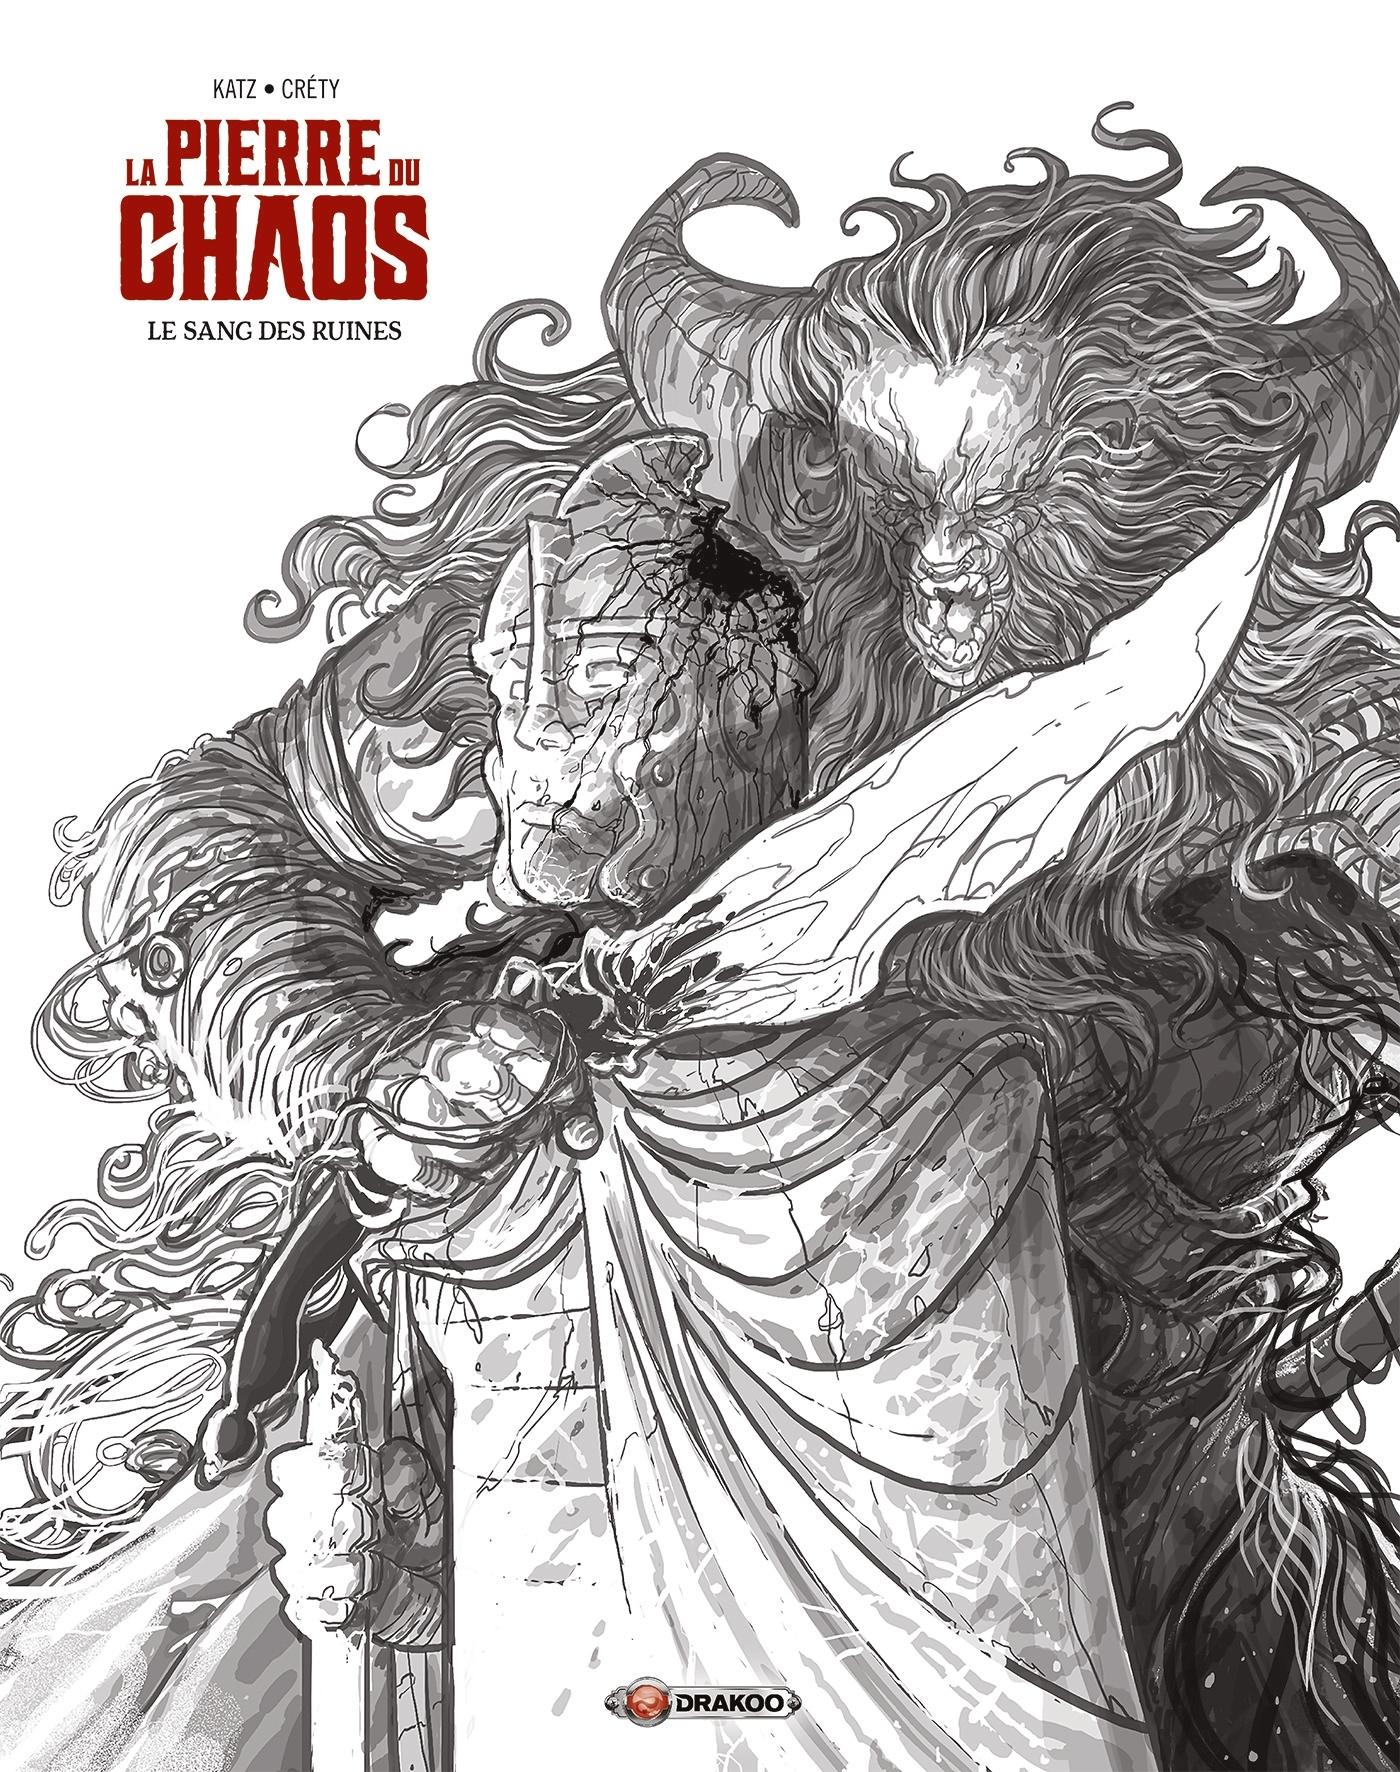 LA PIERRE DU CHAOS - T01 - LA PIERRE DU CHAOS - VOLUME 01 LUXE - EDITION NOIR & BLANC - LE SANG DES